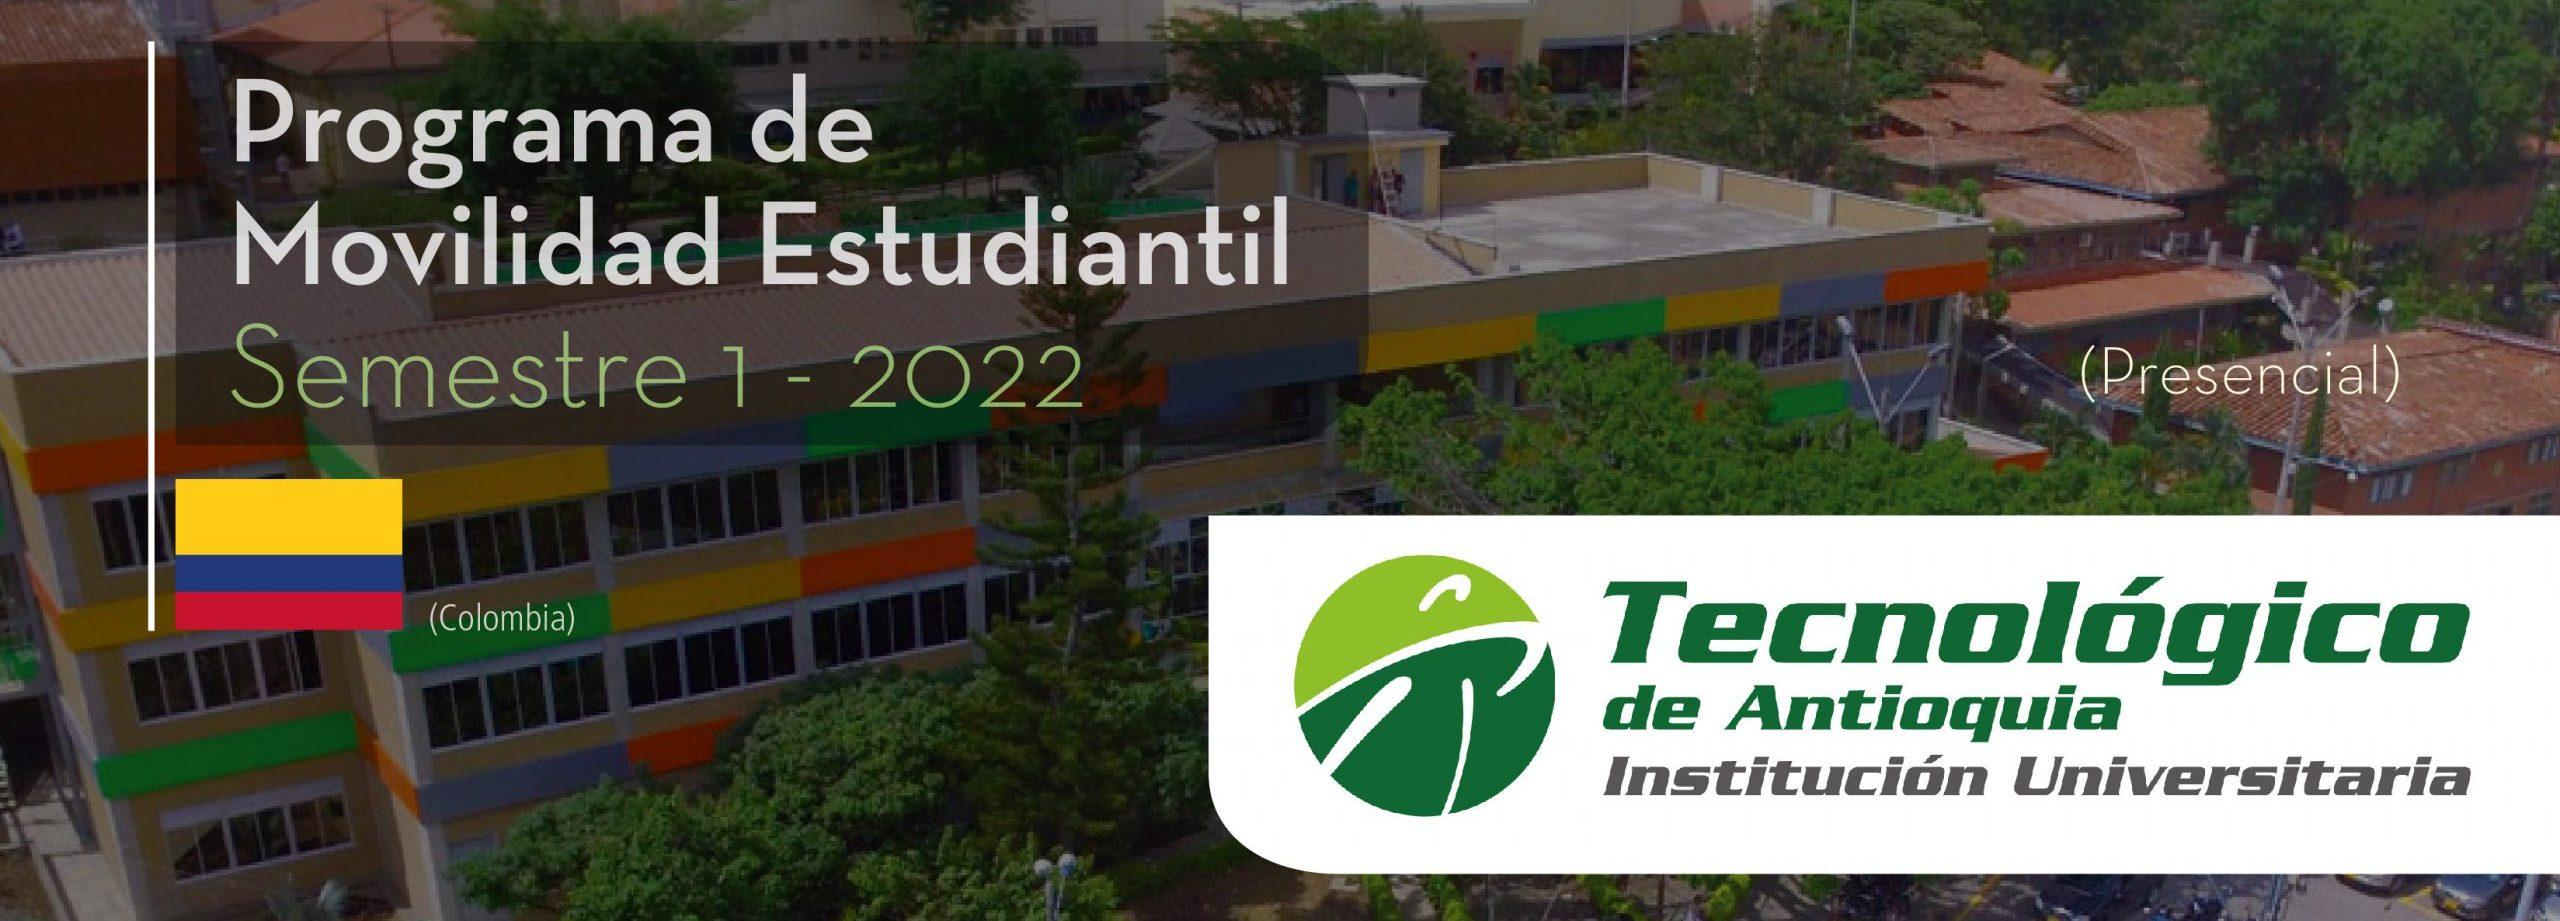 La Universidad Tecnológico de Antioquia de Colombia es parte del Programa de Movilidad Estudiantil UCB por el Mundo.